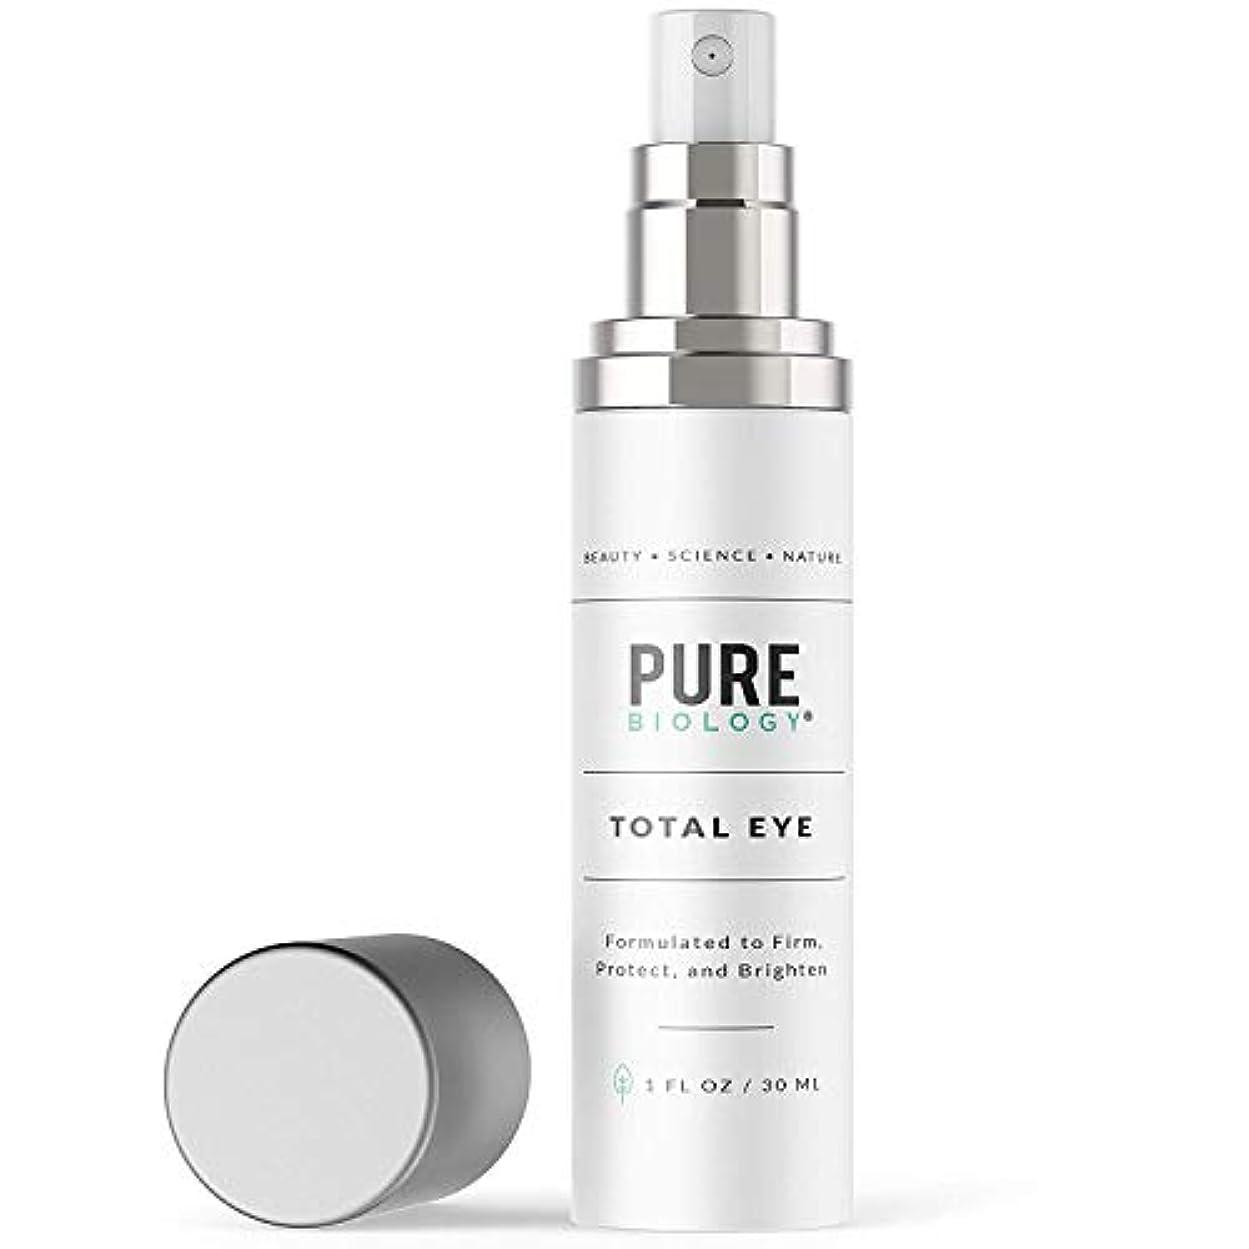 乱れ精通した言い訳[Pure Biology] [アイクリームTotal Eye Cream with Vitamin C + E, Hyaluronic Acid & Anti Aging Complexes to Reduce Dark...